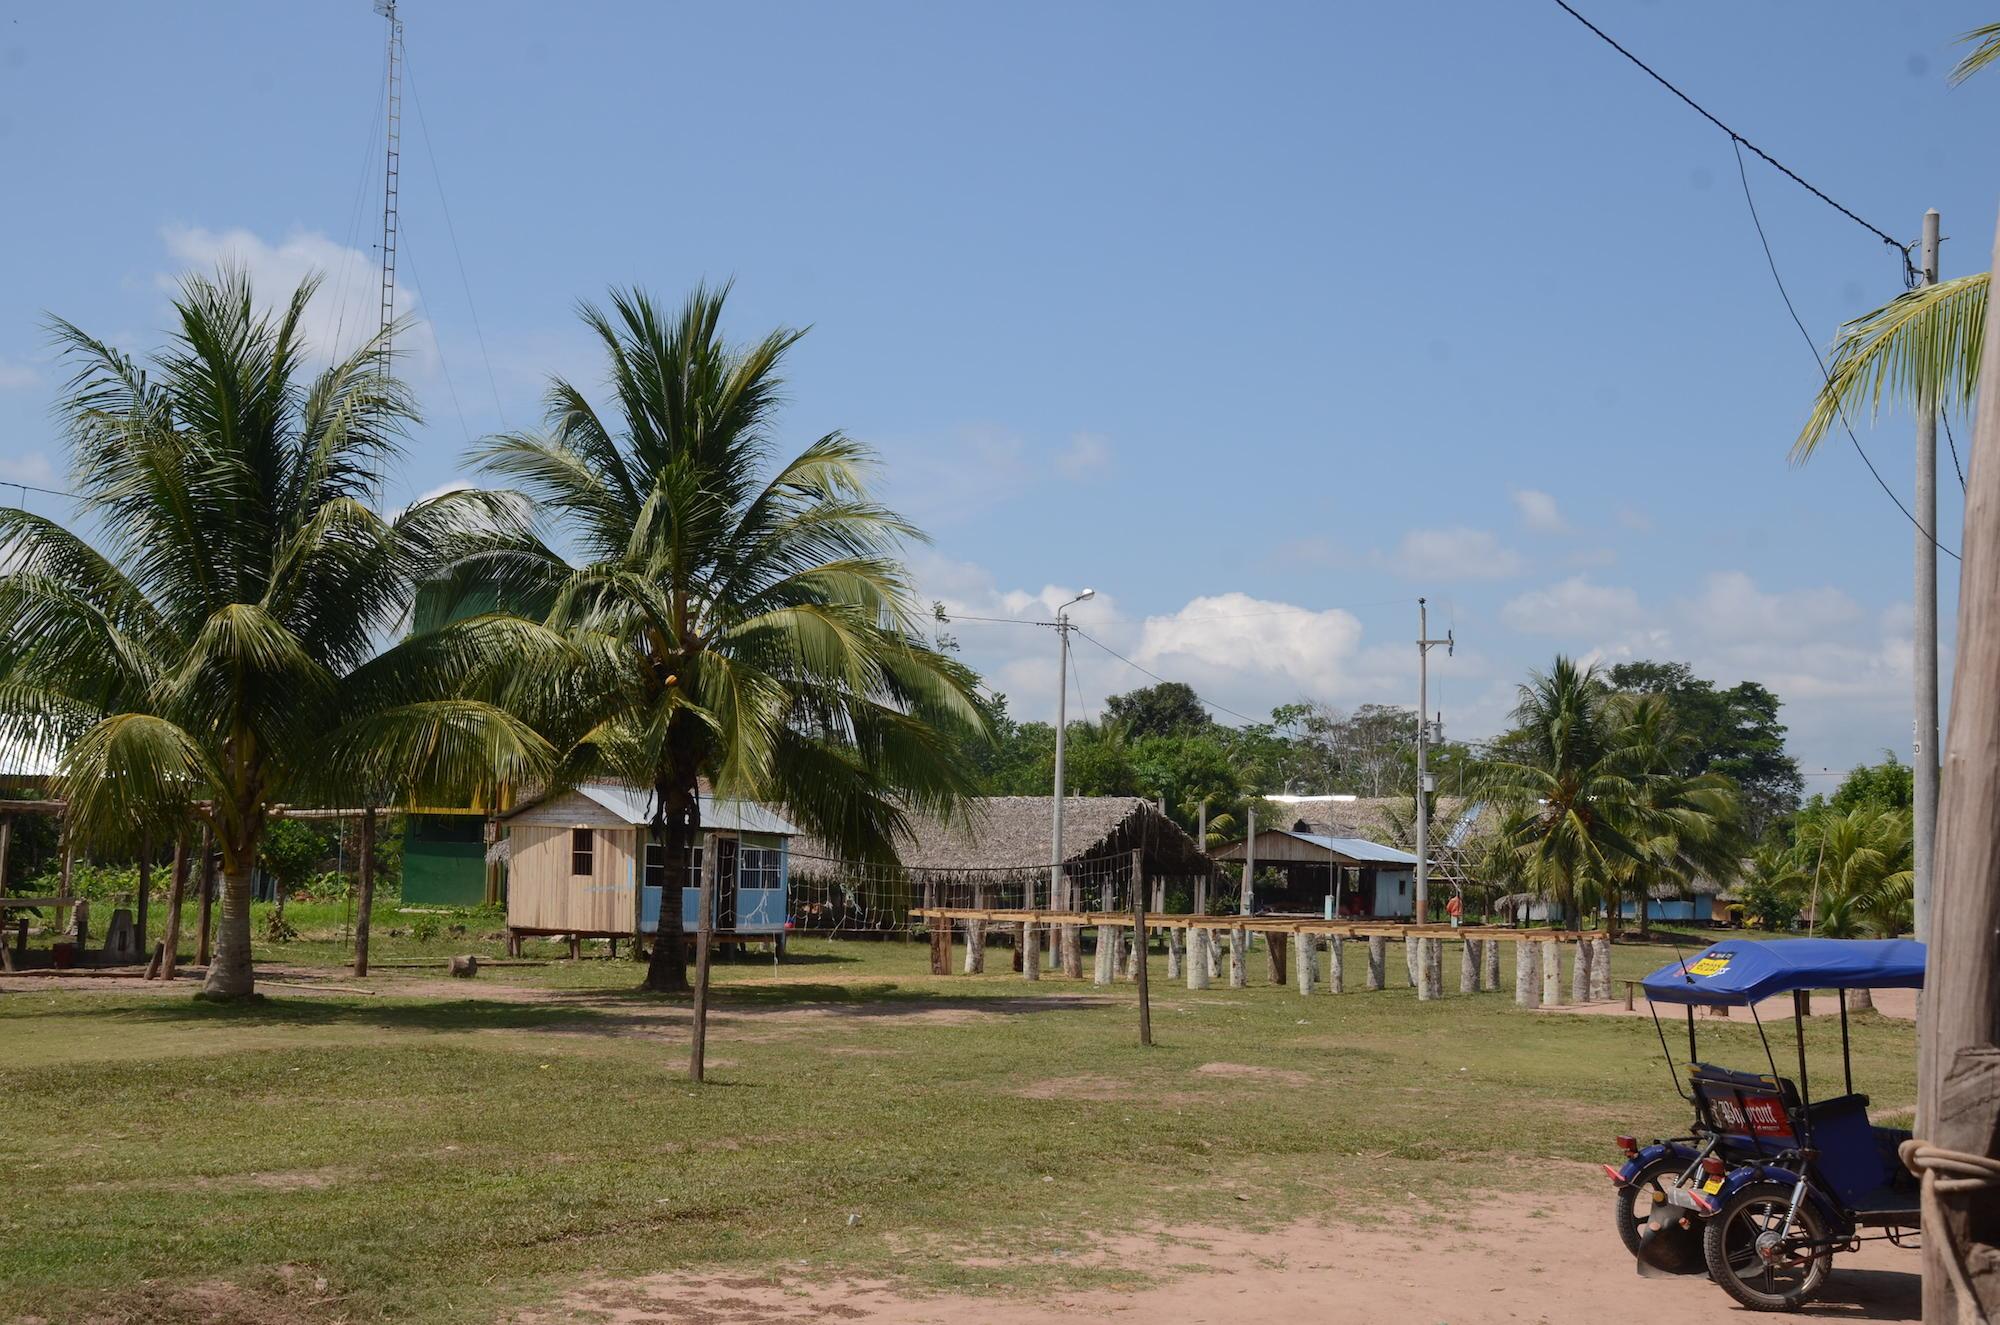 La comunidad Santa Clara de Uchunya, ubicada en la región Ucayali, viene reclamando la ampliación de su territorio desde hace varios años. Foto: Yvette Sierra Praeli.